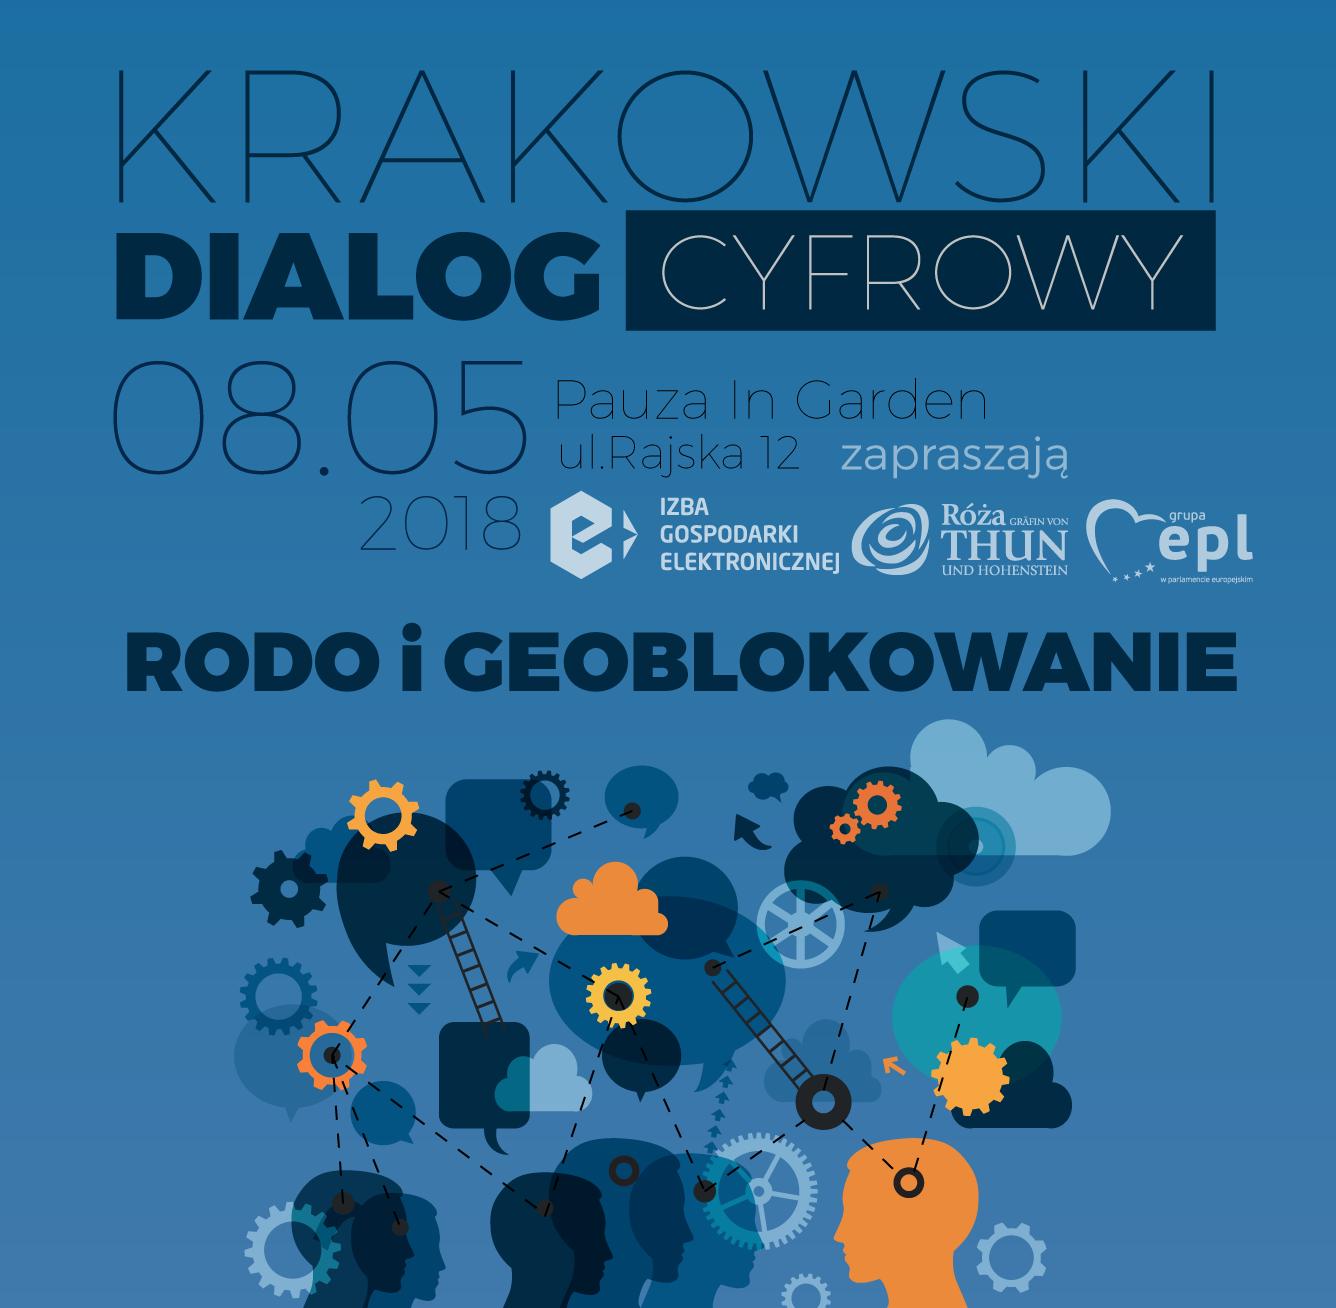 Krakowski Dialog Cyfrowy